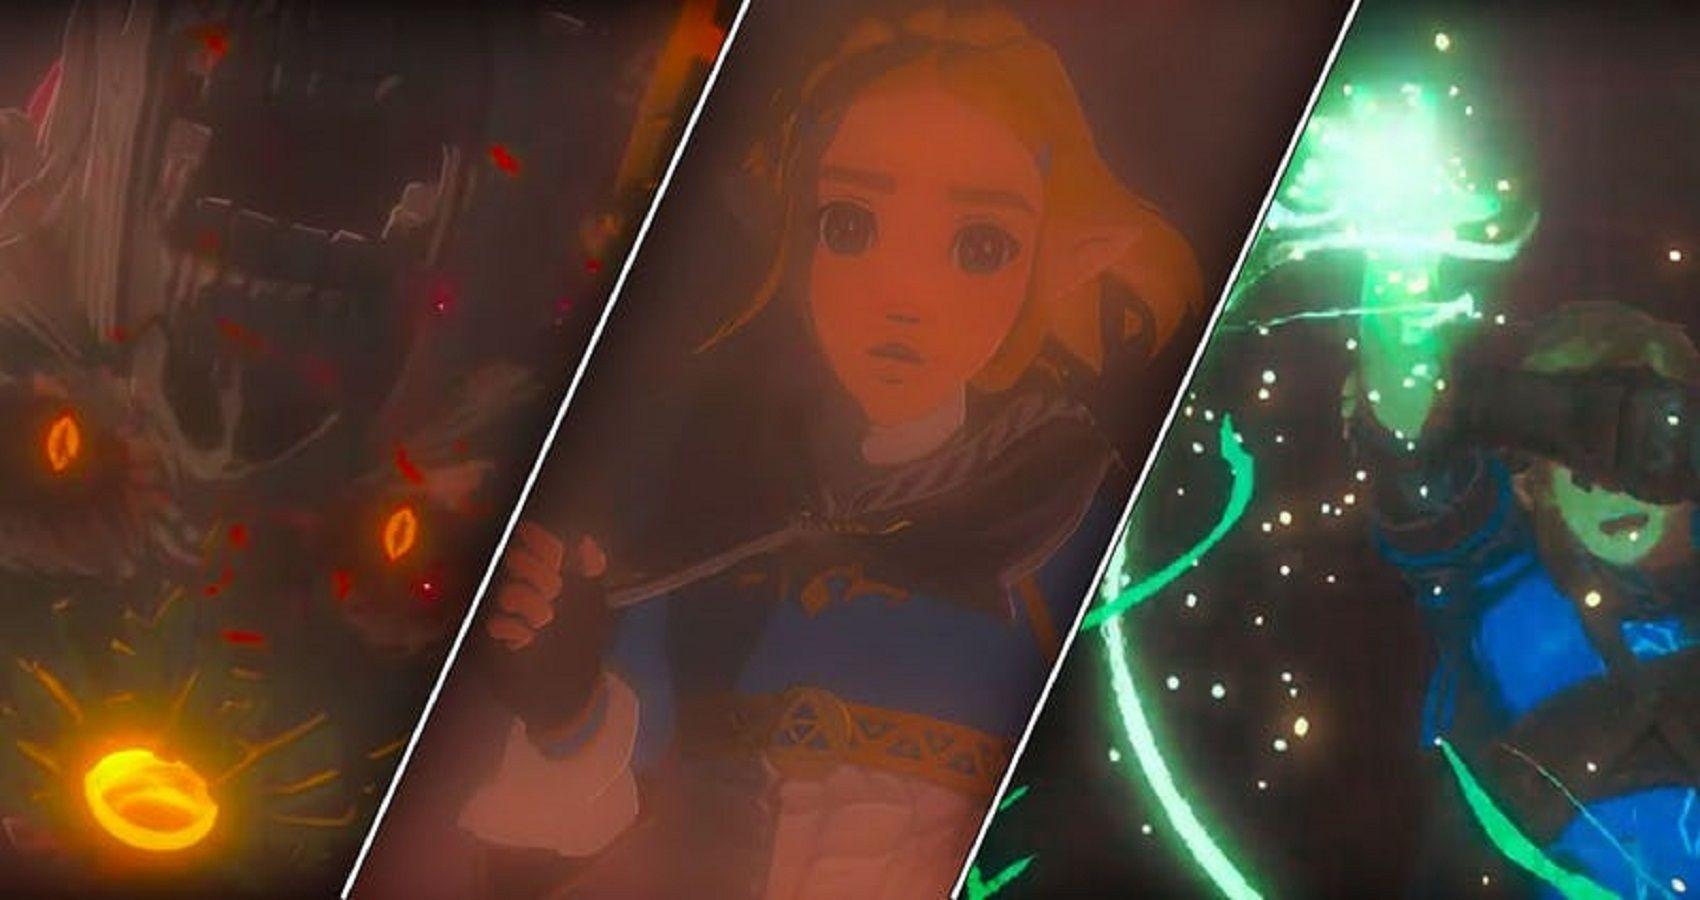 Zelda 10 Hidden Details In The Breath Of The Wild 2 Trailer